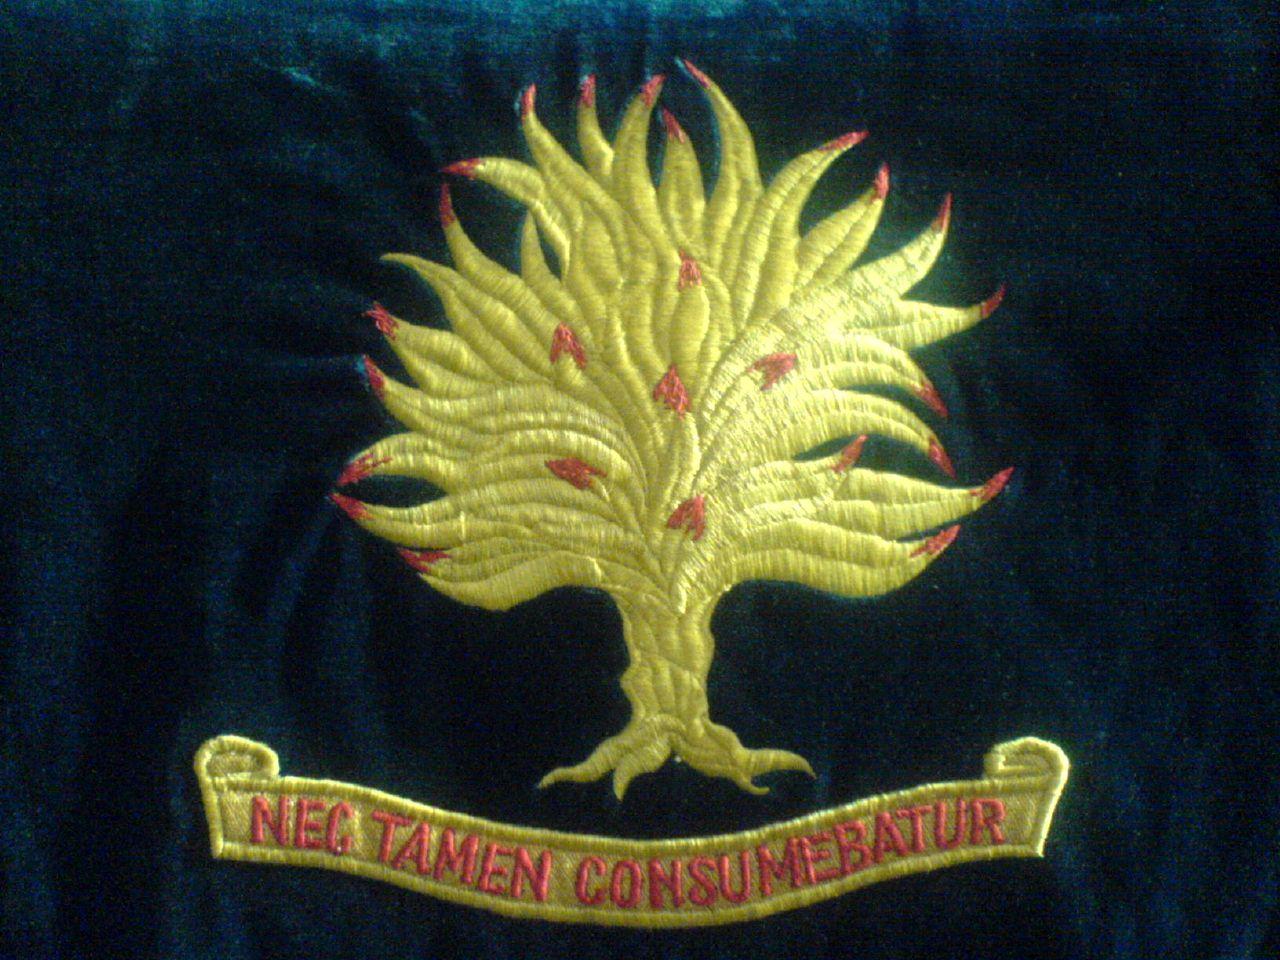 nec-tamen-consumebatur_443429524_o